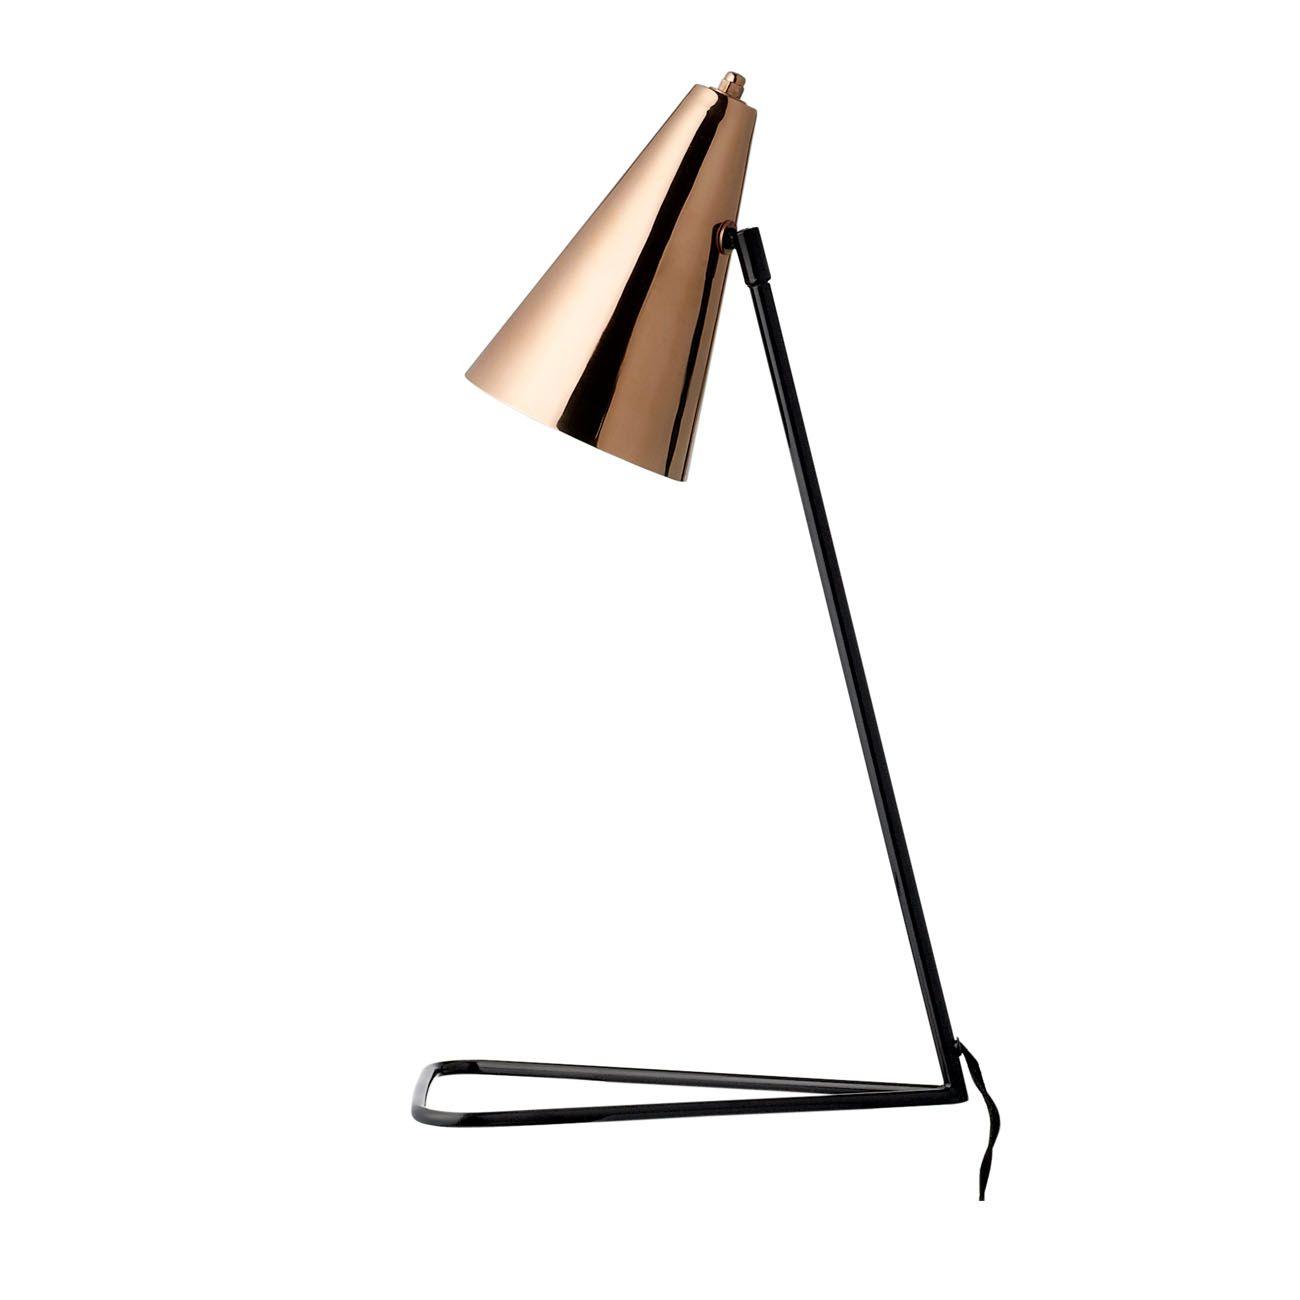 Tischlampe cup lamp schwarz home tischlampen for Dekoration wohnzimmer kupfer